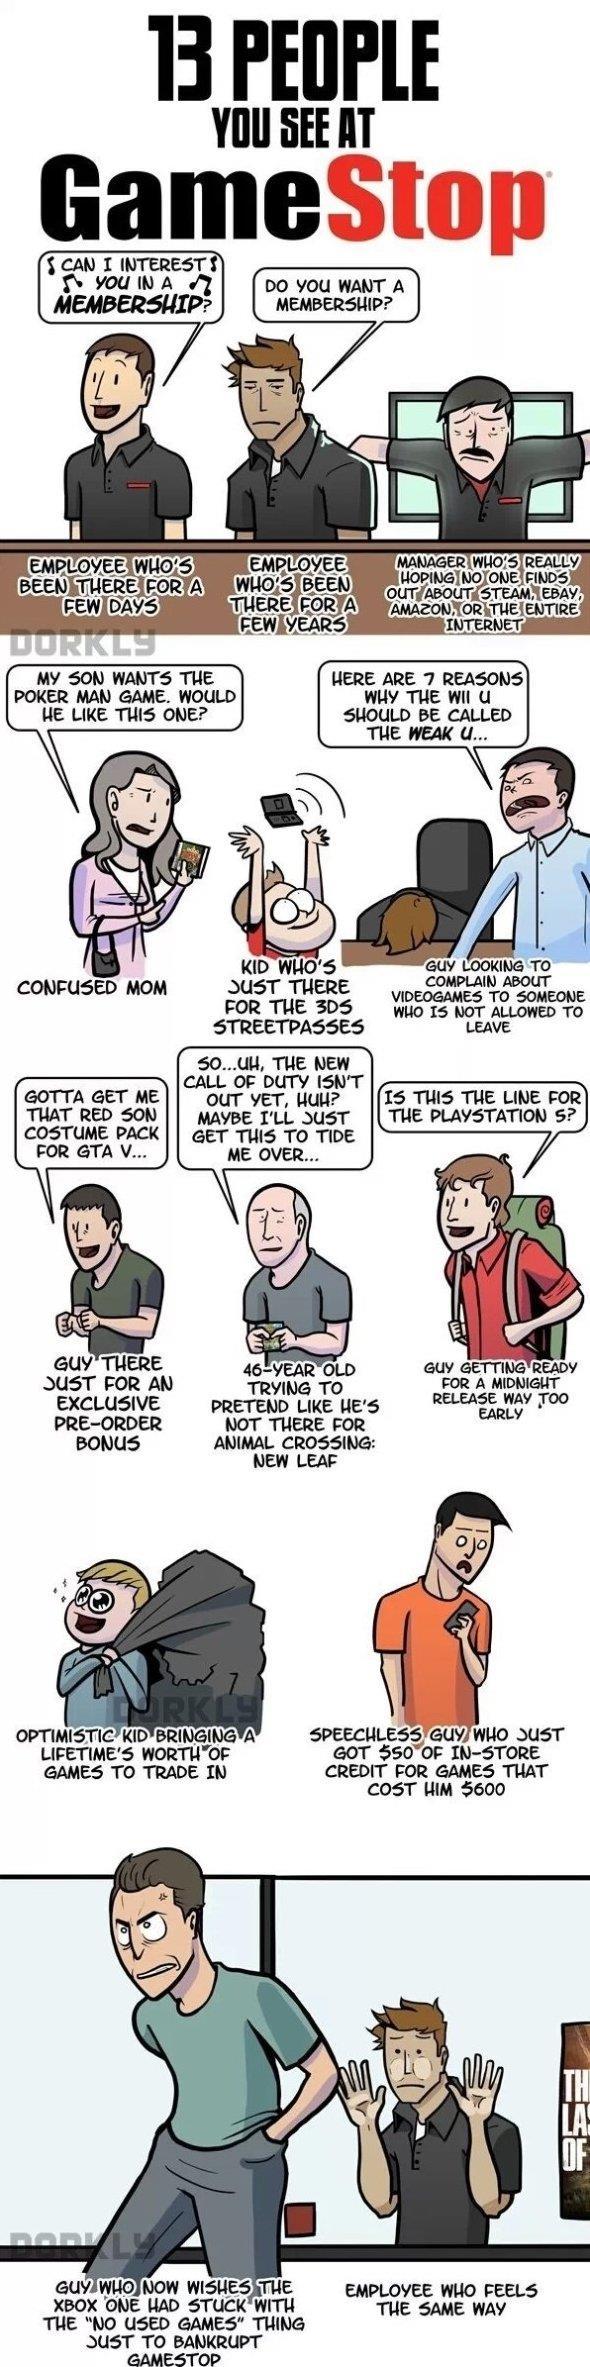 13 people you see at GameStop